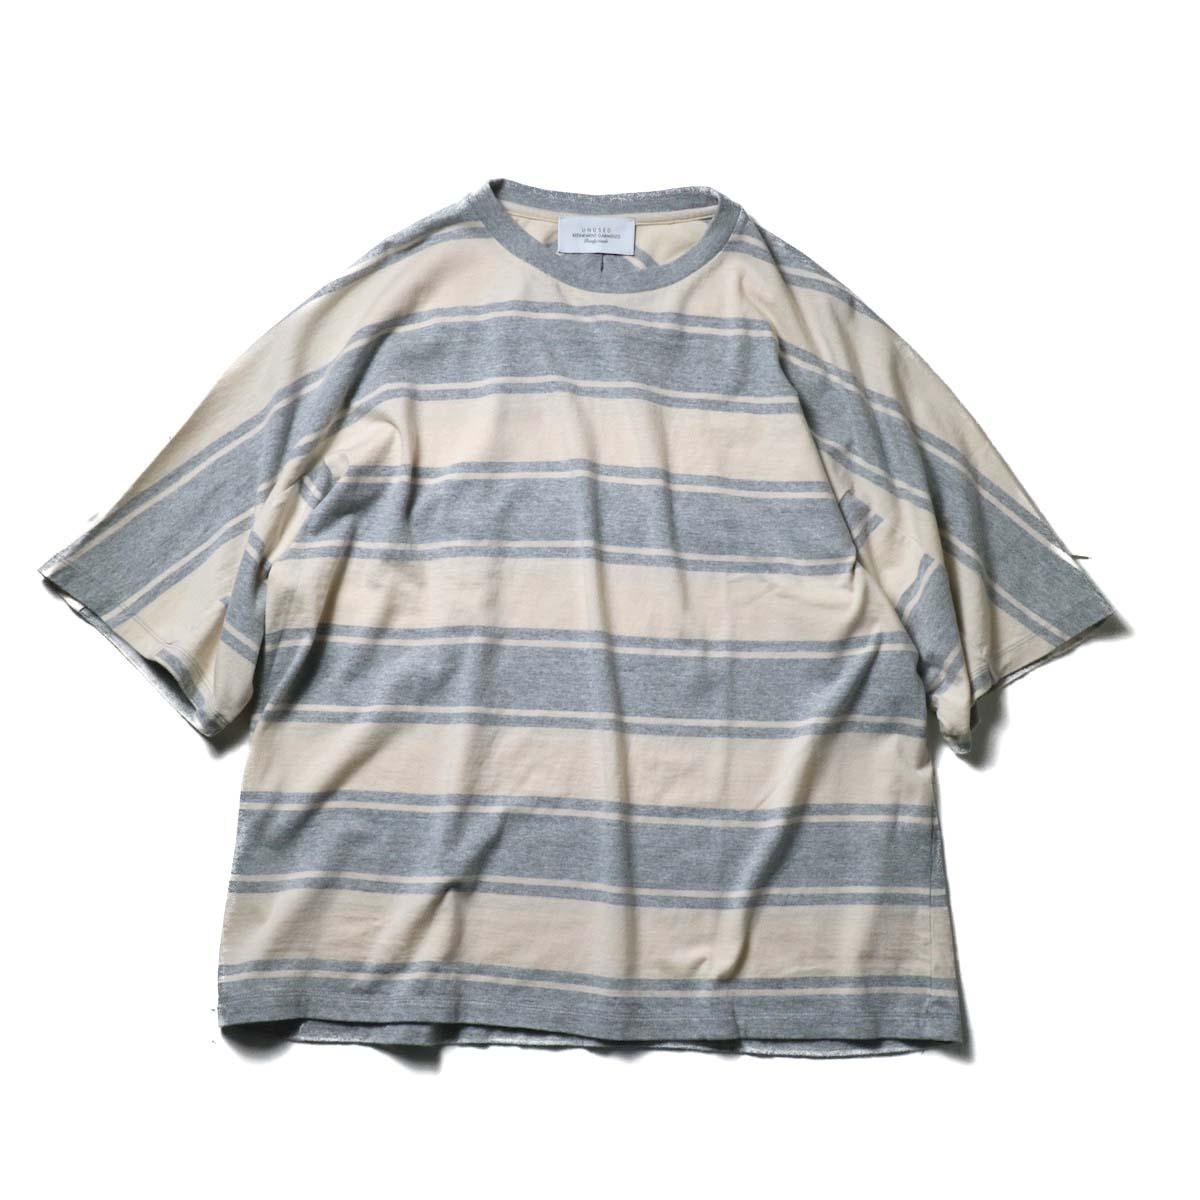 UNUSED / US1951 Dolman sleeve Short sleeve t-shirt (Gray × Beige)正面